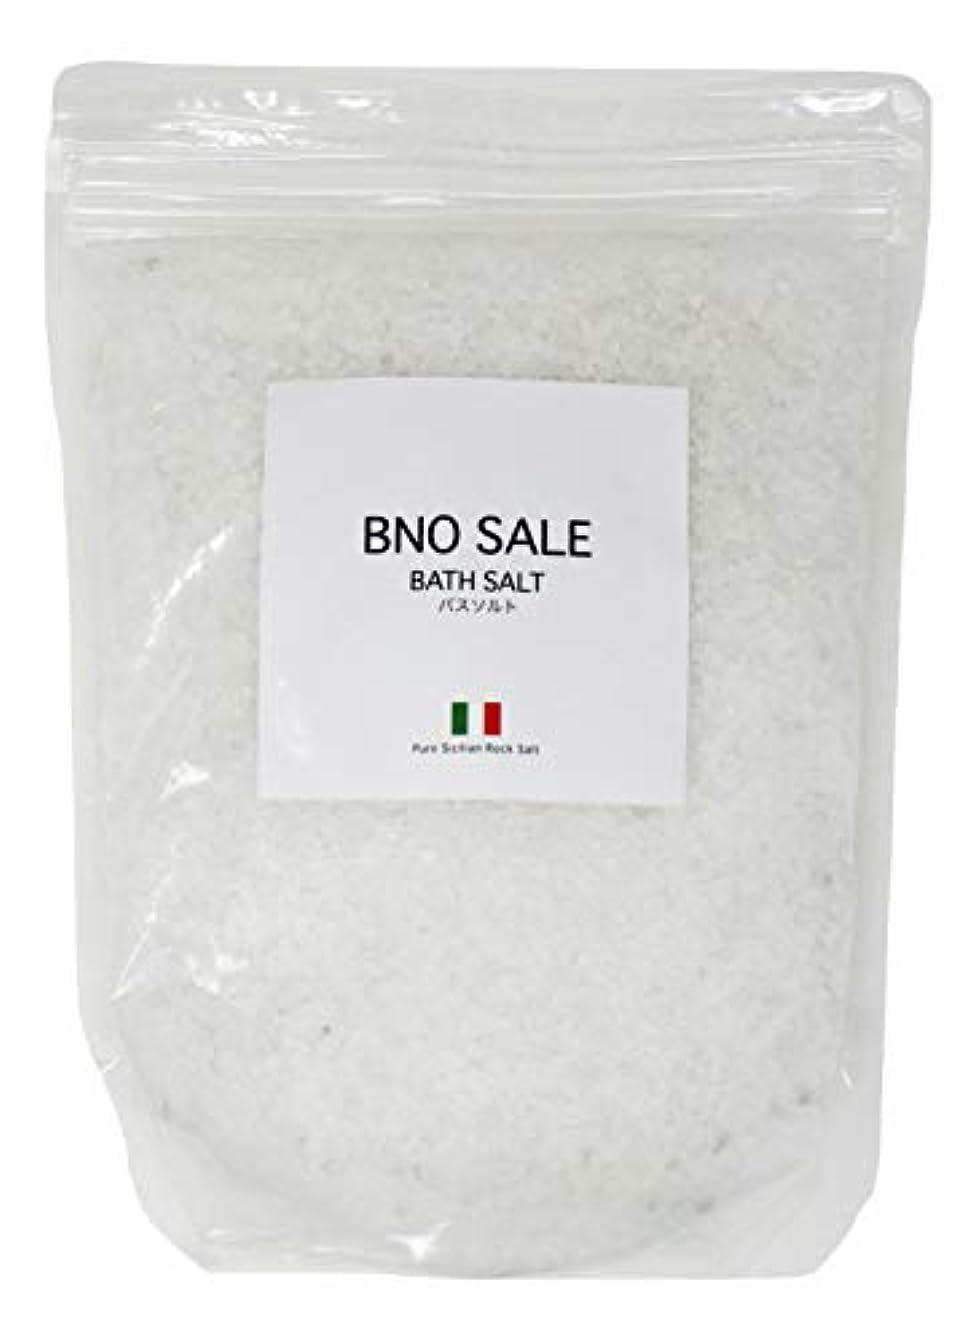 葉巻リマーク酸シチリア産 岩塩 2Kg バスソルト BNO SALE ヴィノサーレ マグネシウム 保湿 入浴剤 計量スプーン付